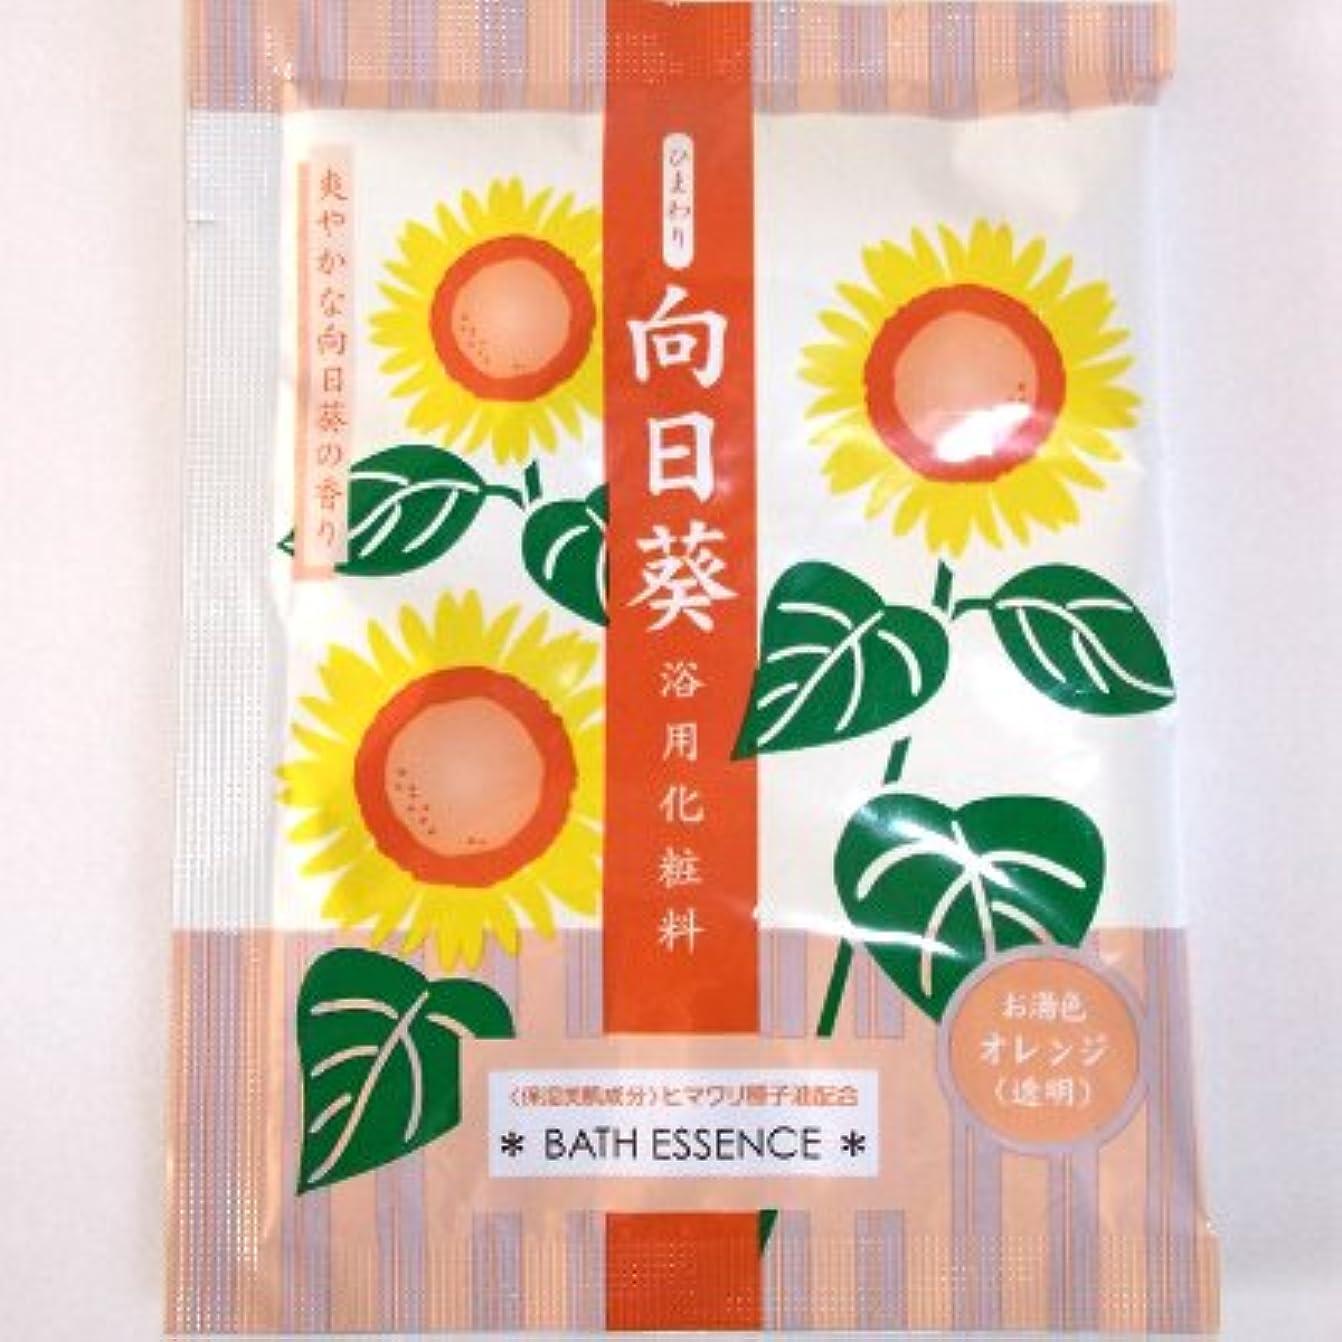 容量クライストチャーチディスク花の入浴料 爽やかな向日葵の香り